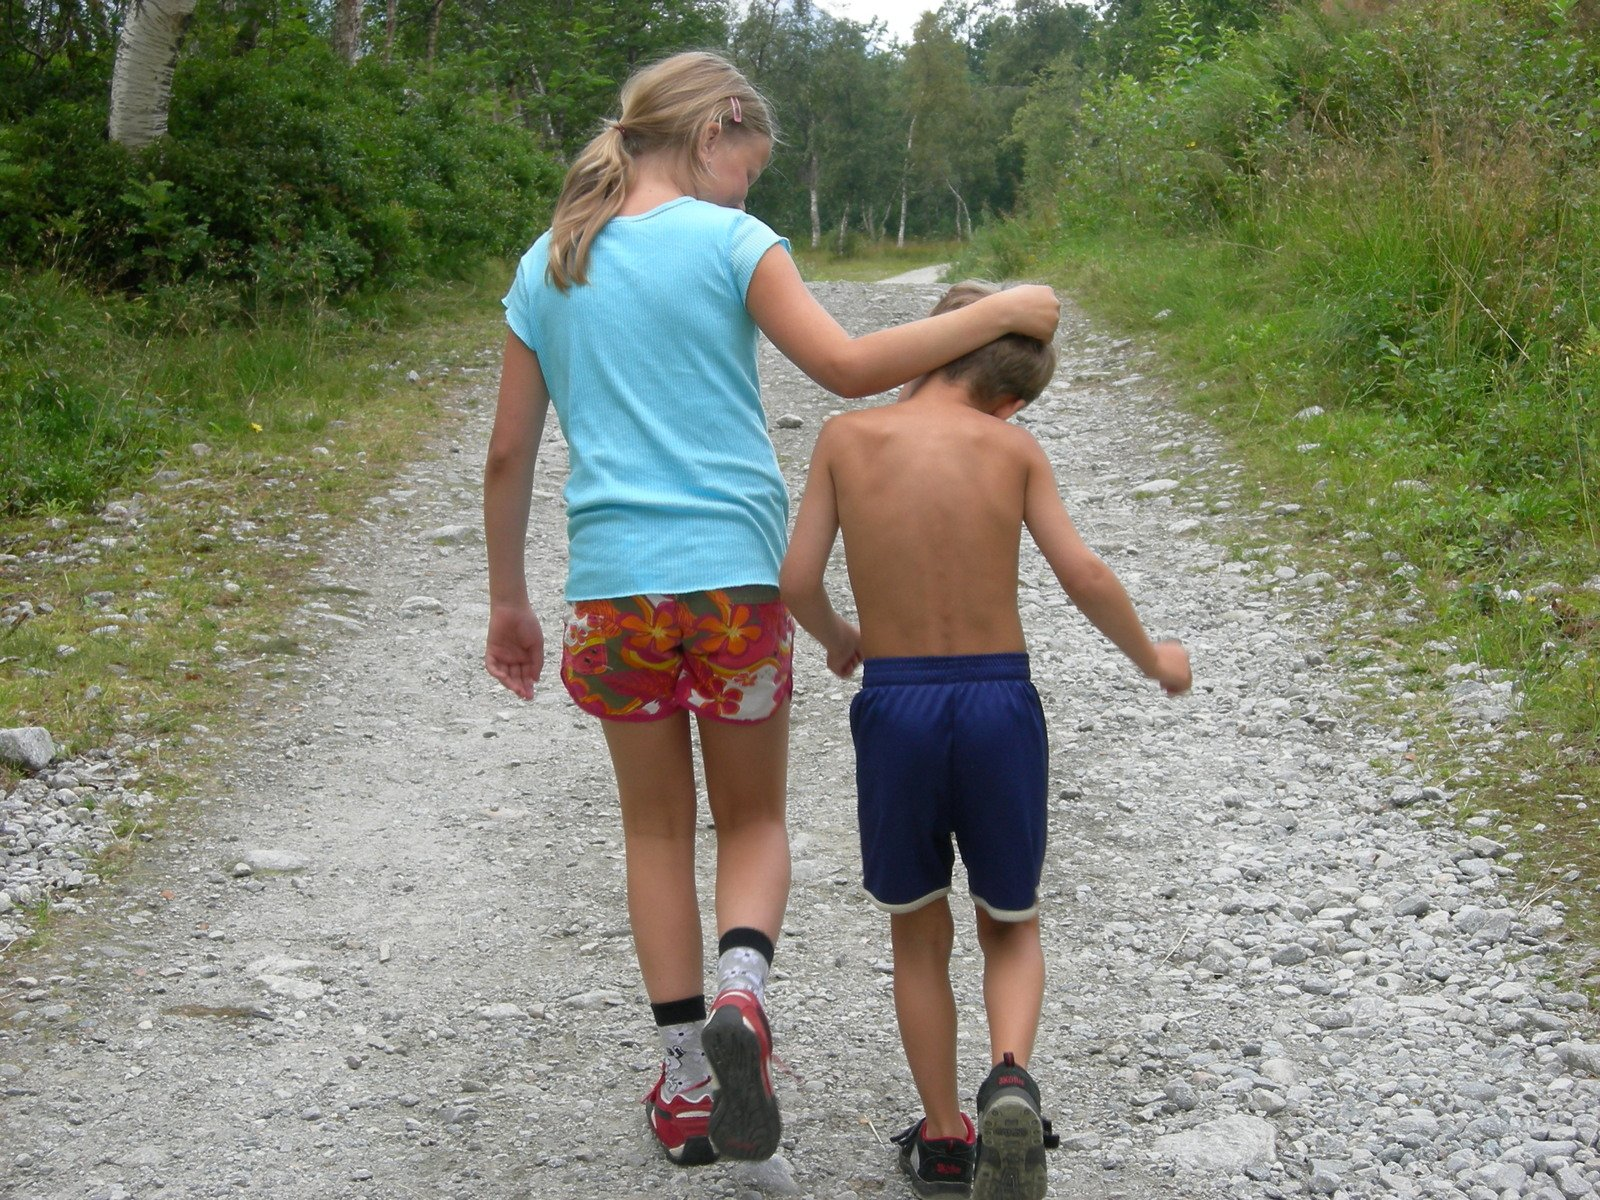 Брат трахнул сестру смотреть и скачать